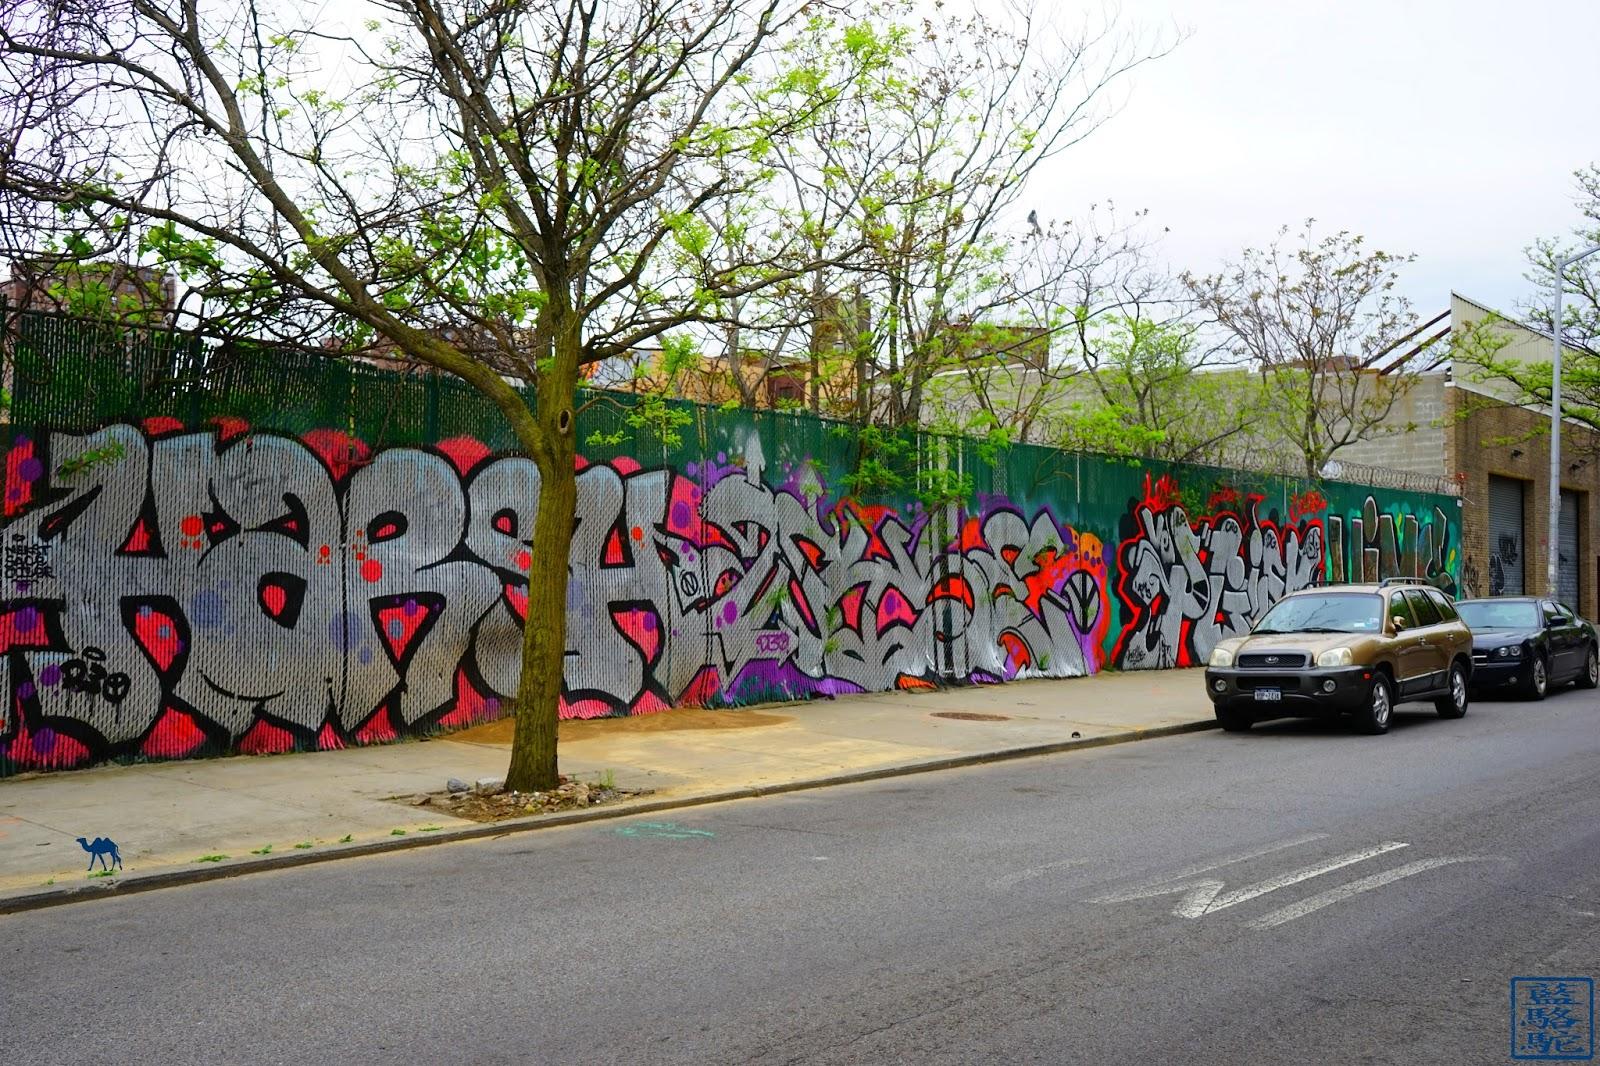 Le Chameau Bleu - Street Art Bushwick 2017 - Graf